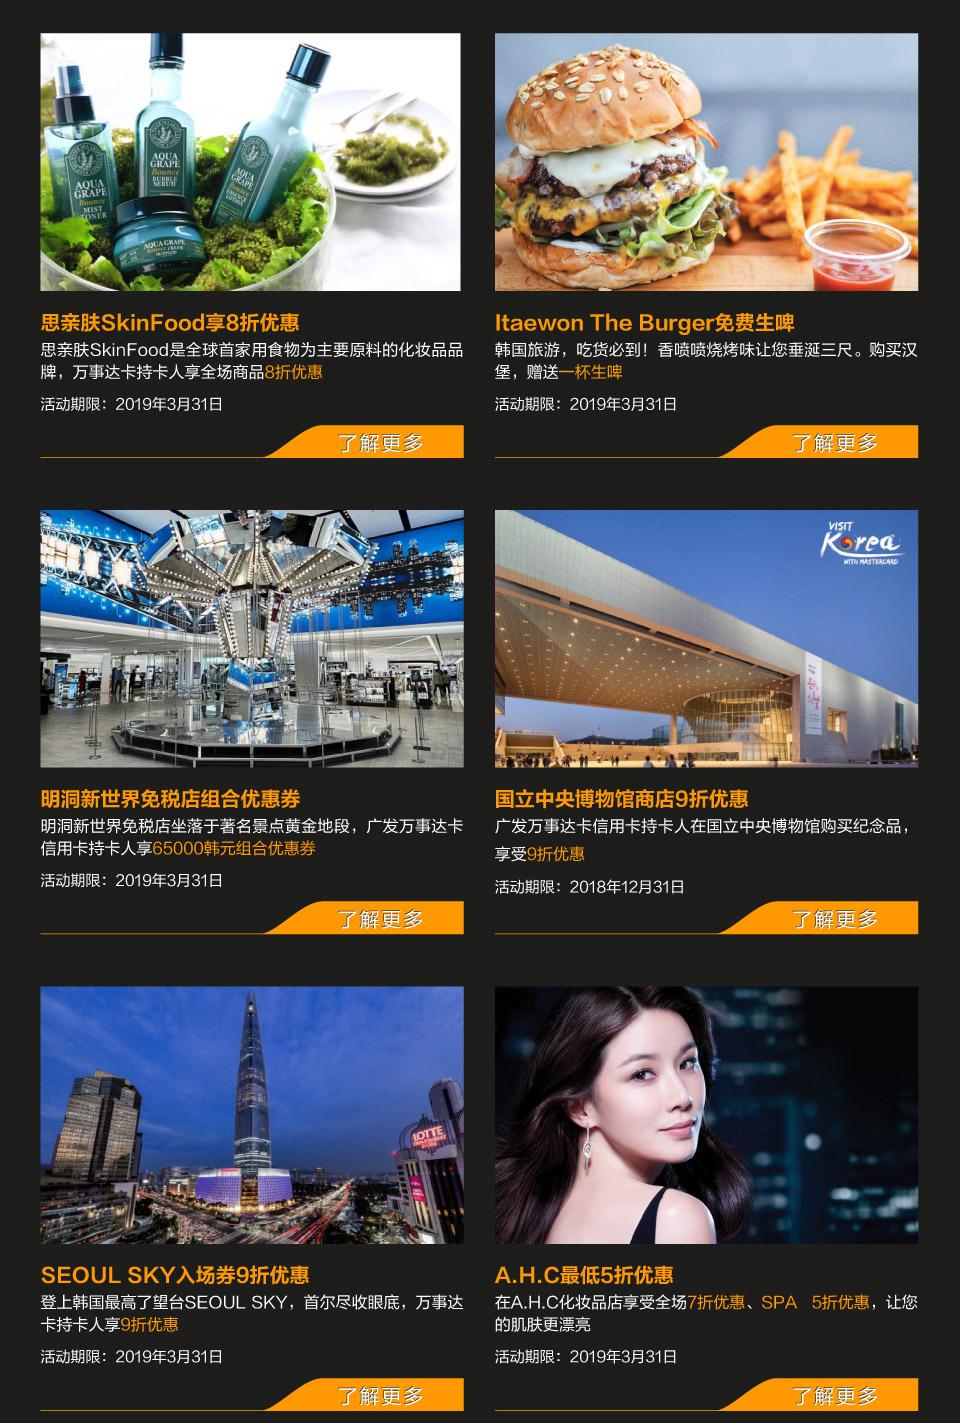 万事达卡带您畅游韩国惊奇之旅